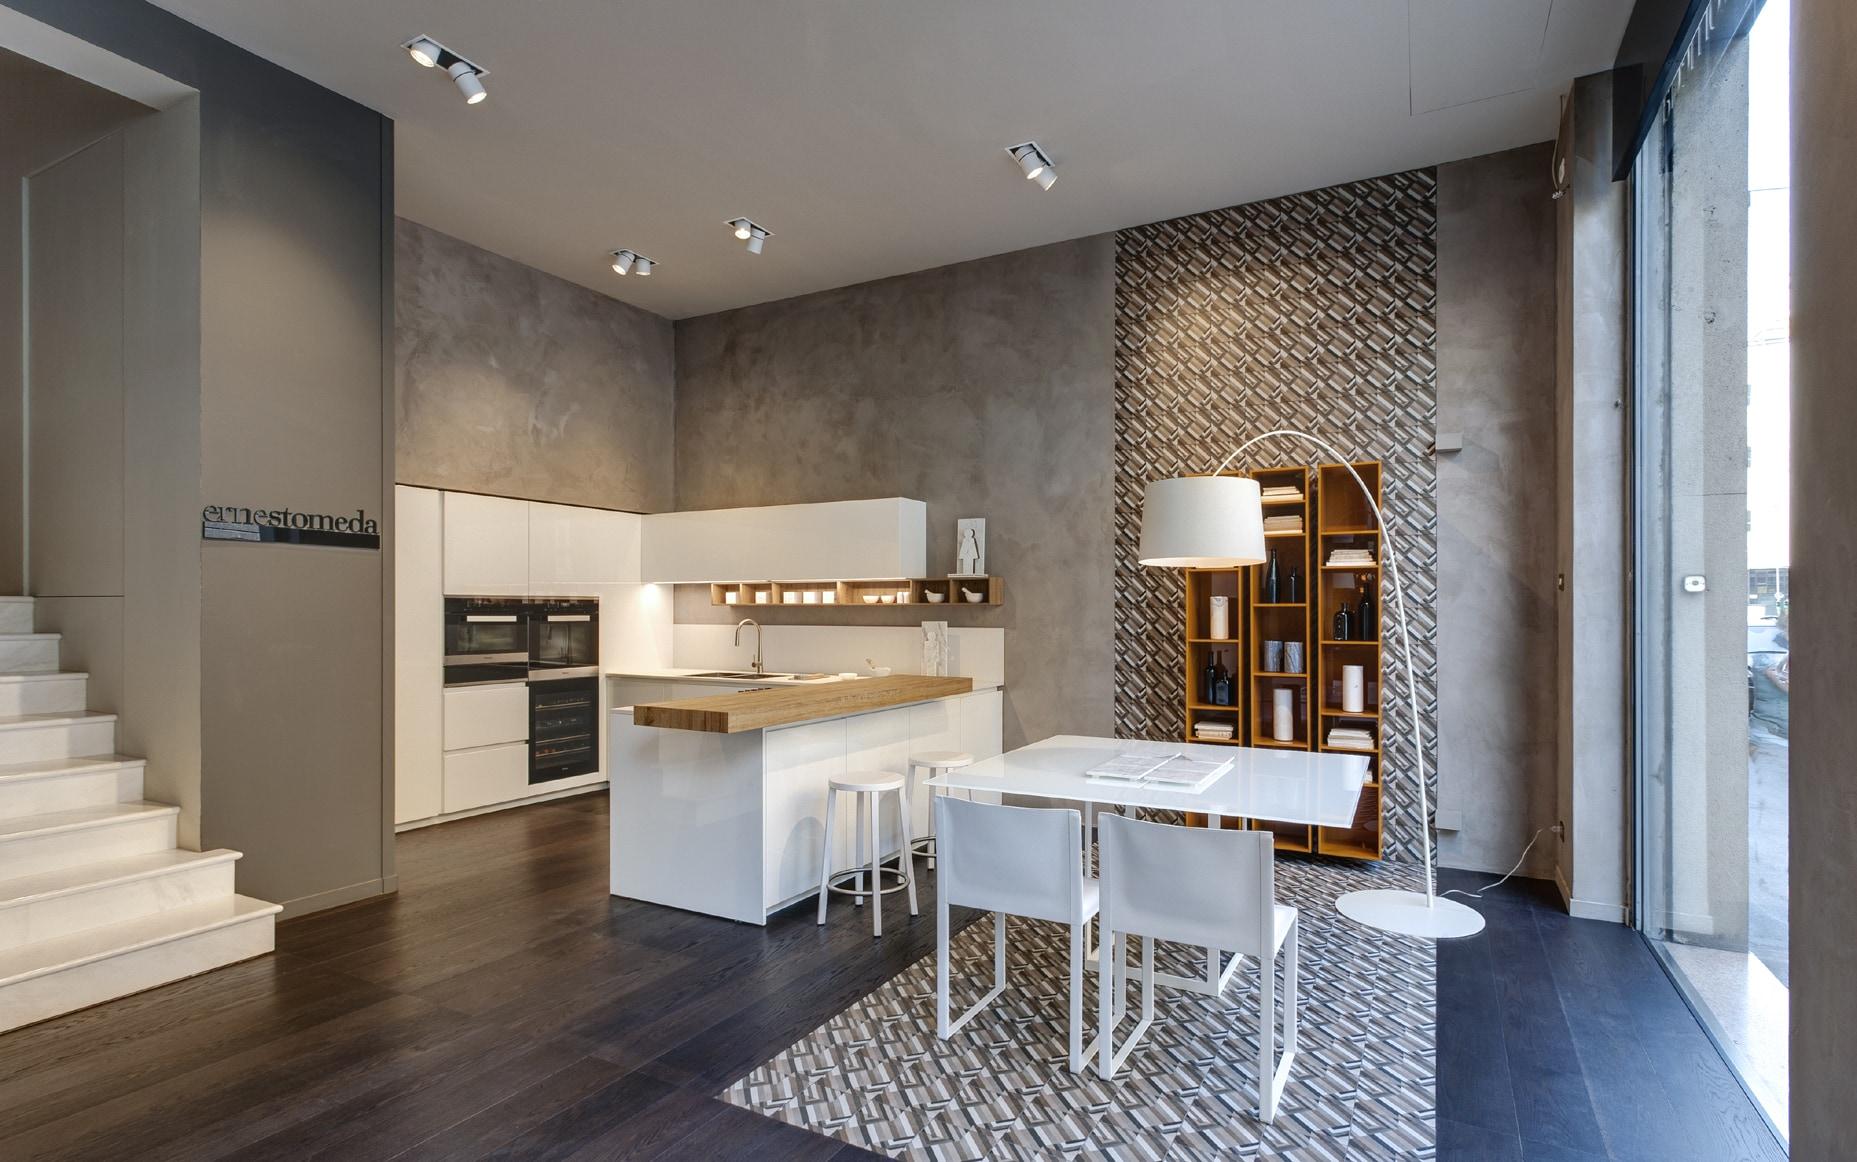 Il nuovo spazio ernestomeda a milano interni magazine for Domo arredamenti